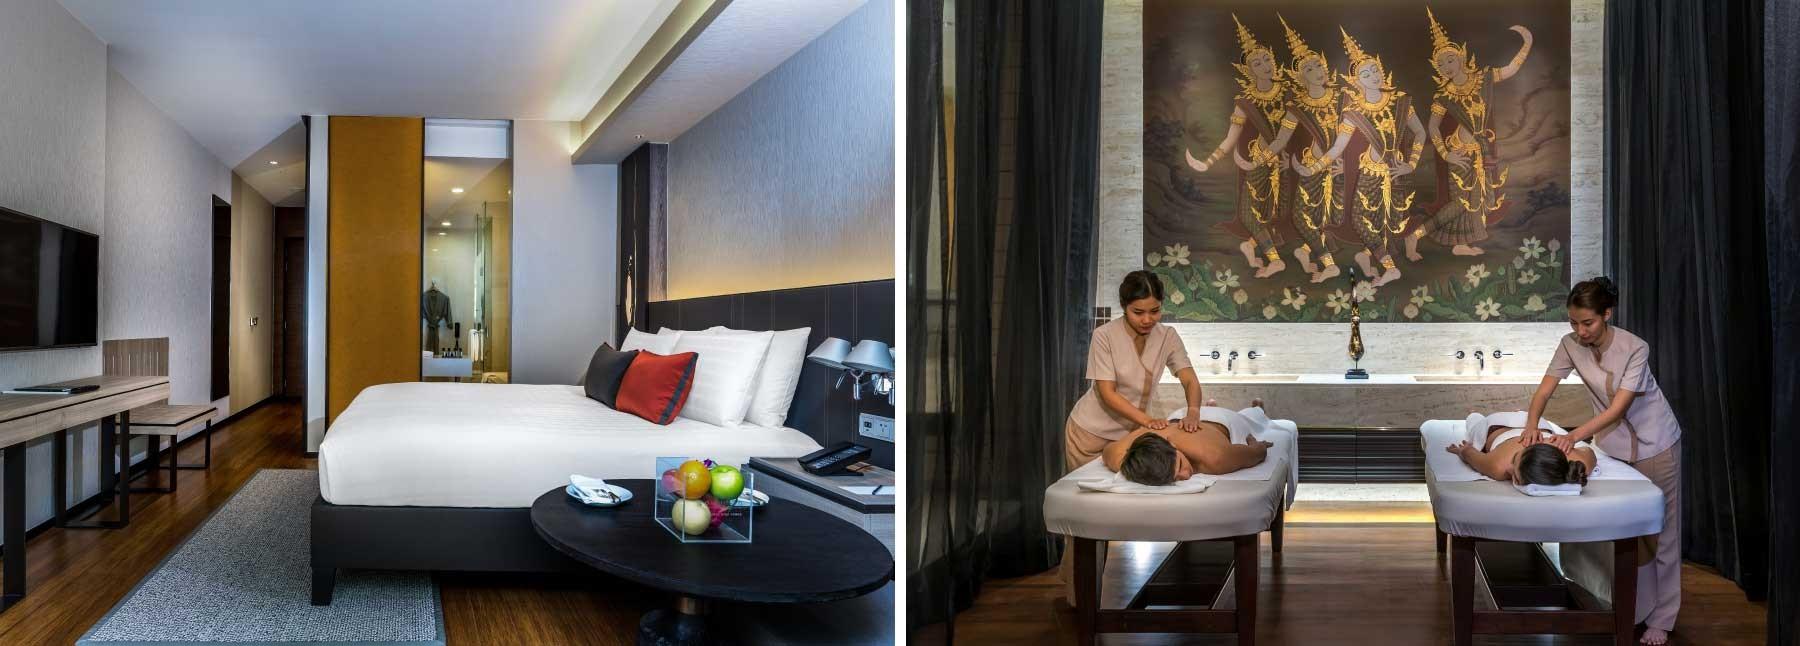 曼谷酒店客房优惠